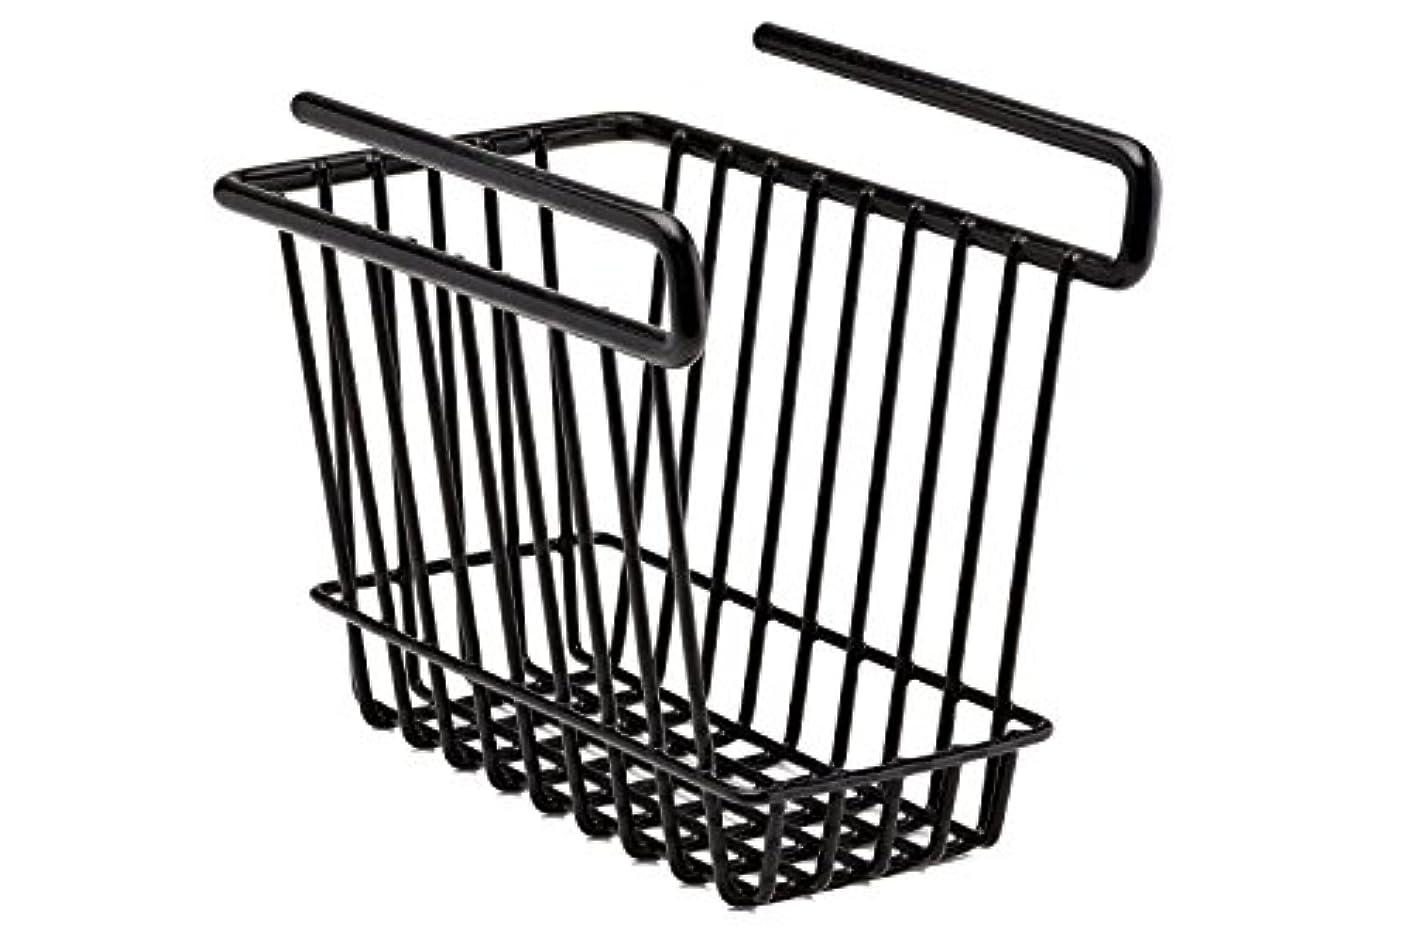 SnapSafe Undershelf Wire Basket - Medium